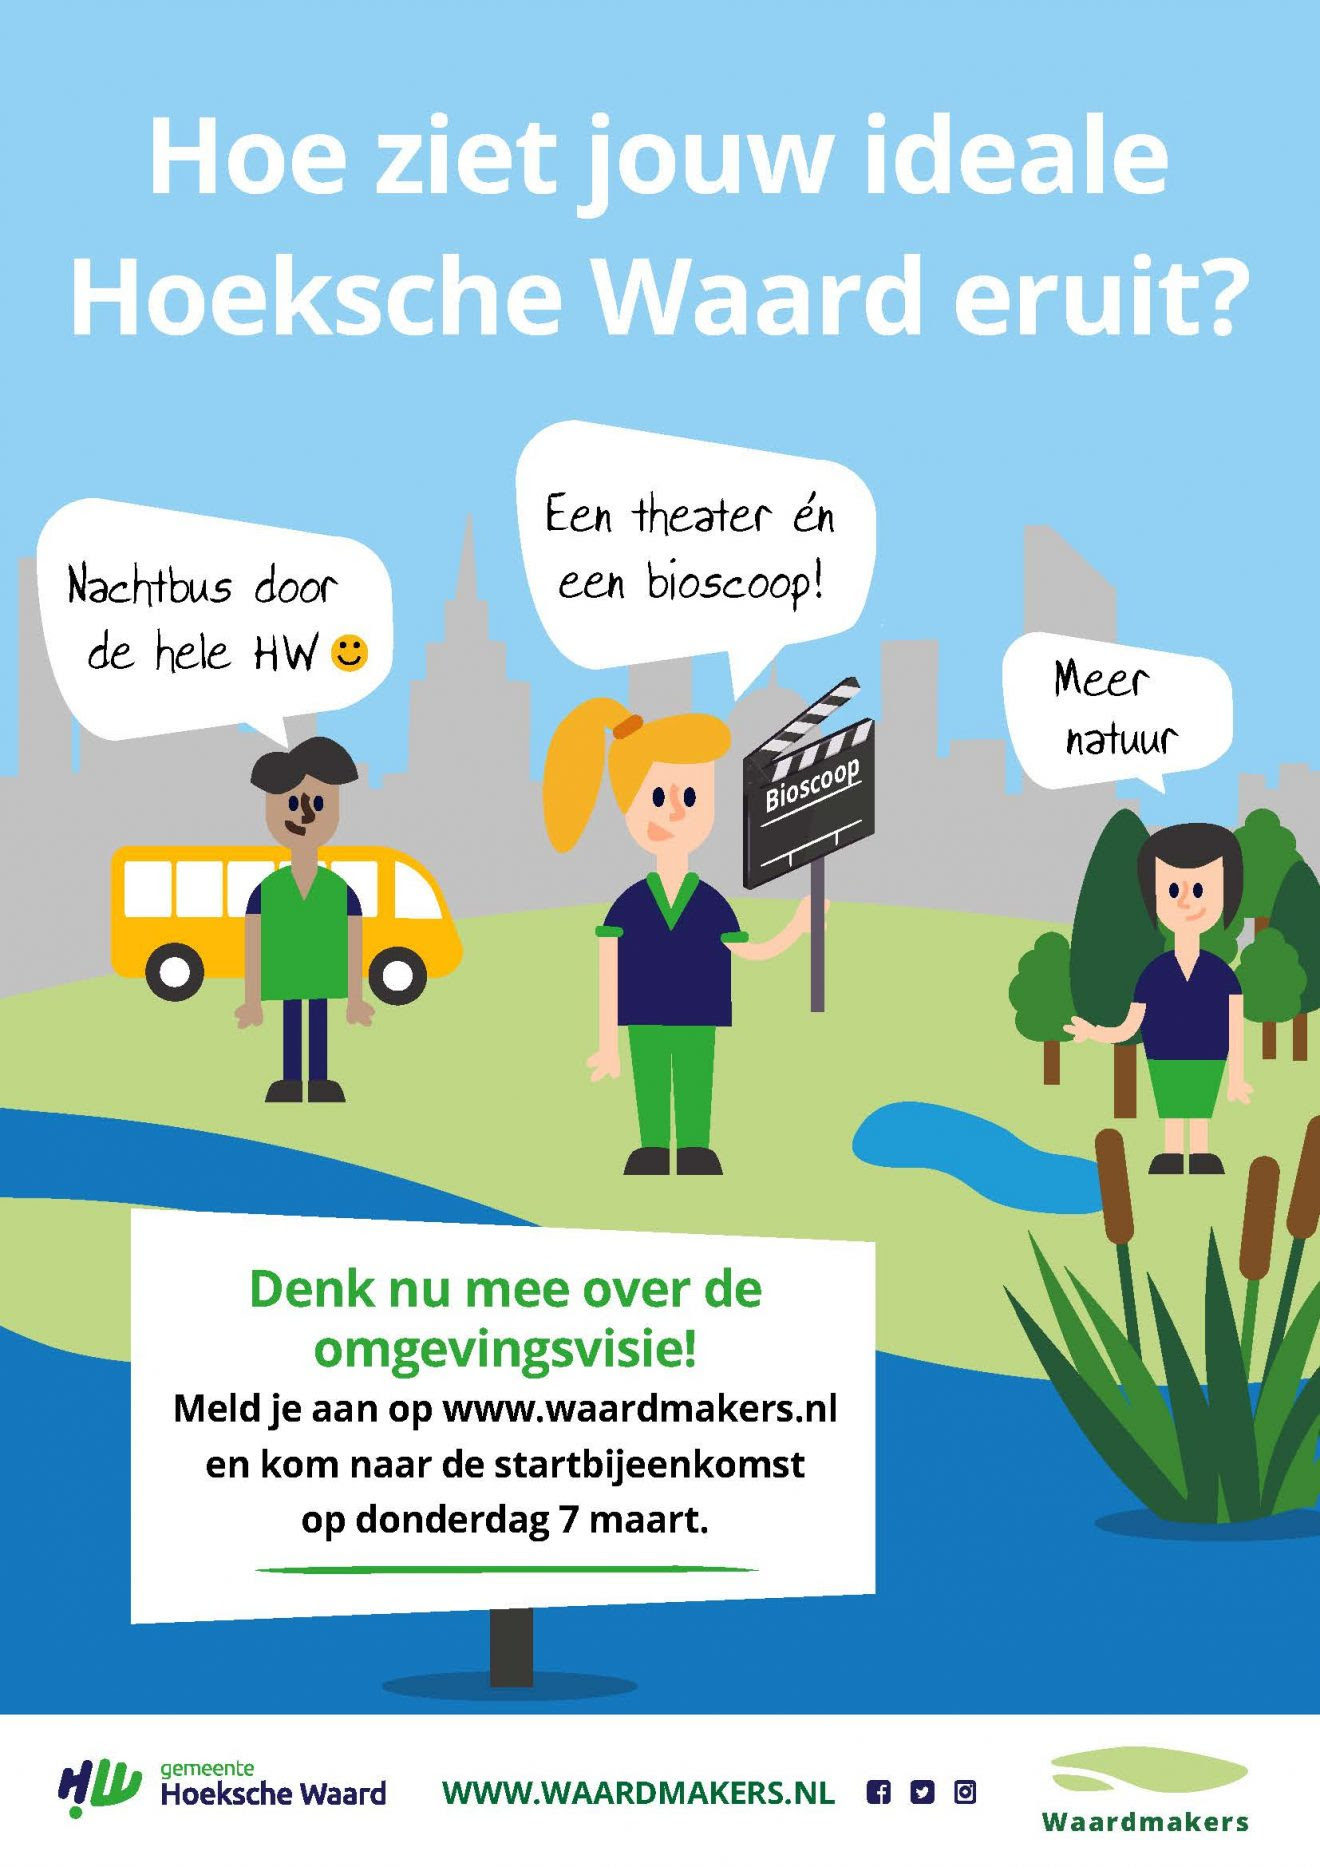 https://images.coorndijk.nl/newsimage_59.jpg